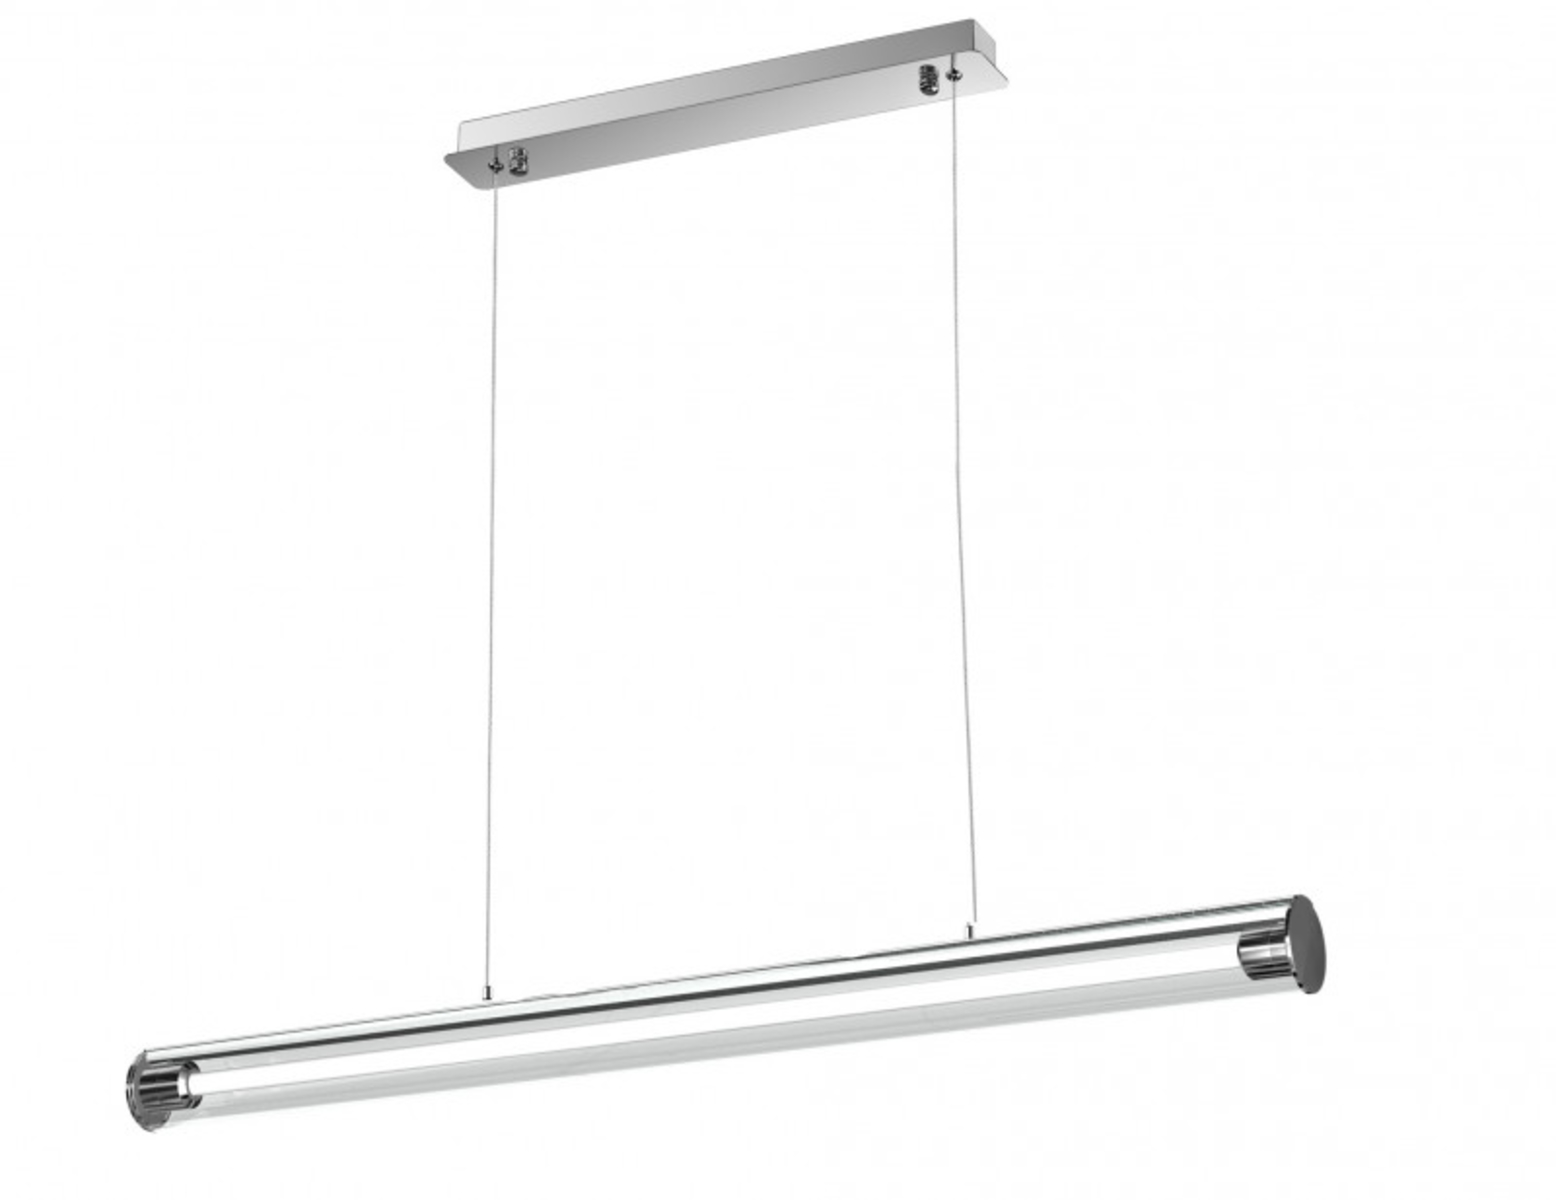 Купить Подвесной светильник ESCADO Подвесной светильник ARTE Lamp A1318SP-1CC (13803), HomeMe